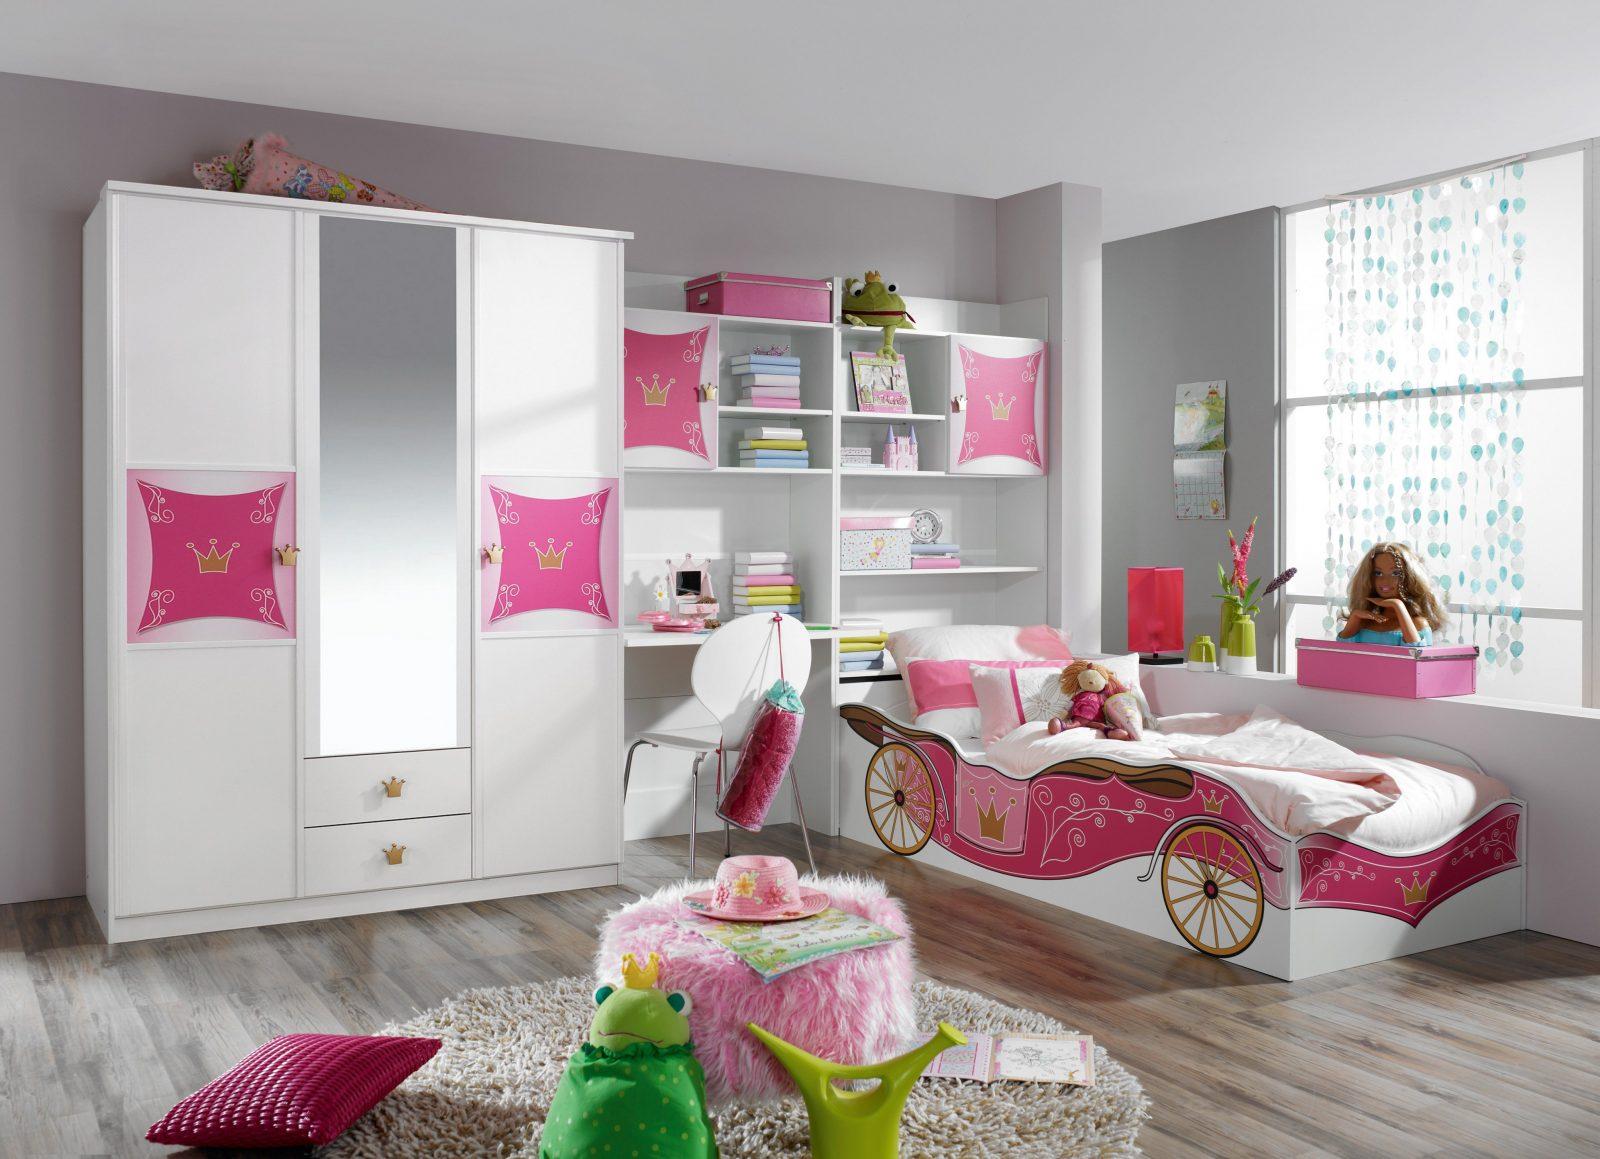 Schöne Ideen Kinderzimmer Komplett Ab 2 Jahren Und Kinderzimmer In von Kinderzimmer Ab 3 Jahren Photo